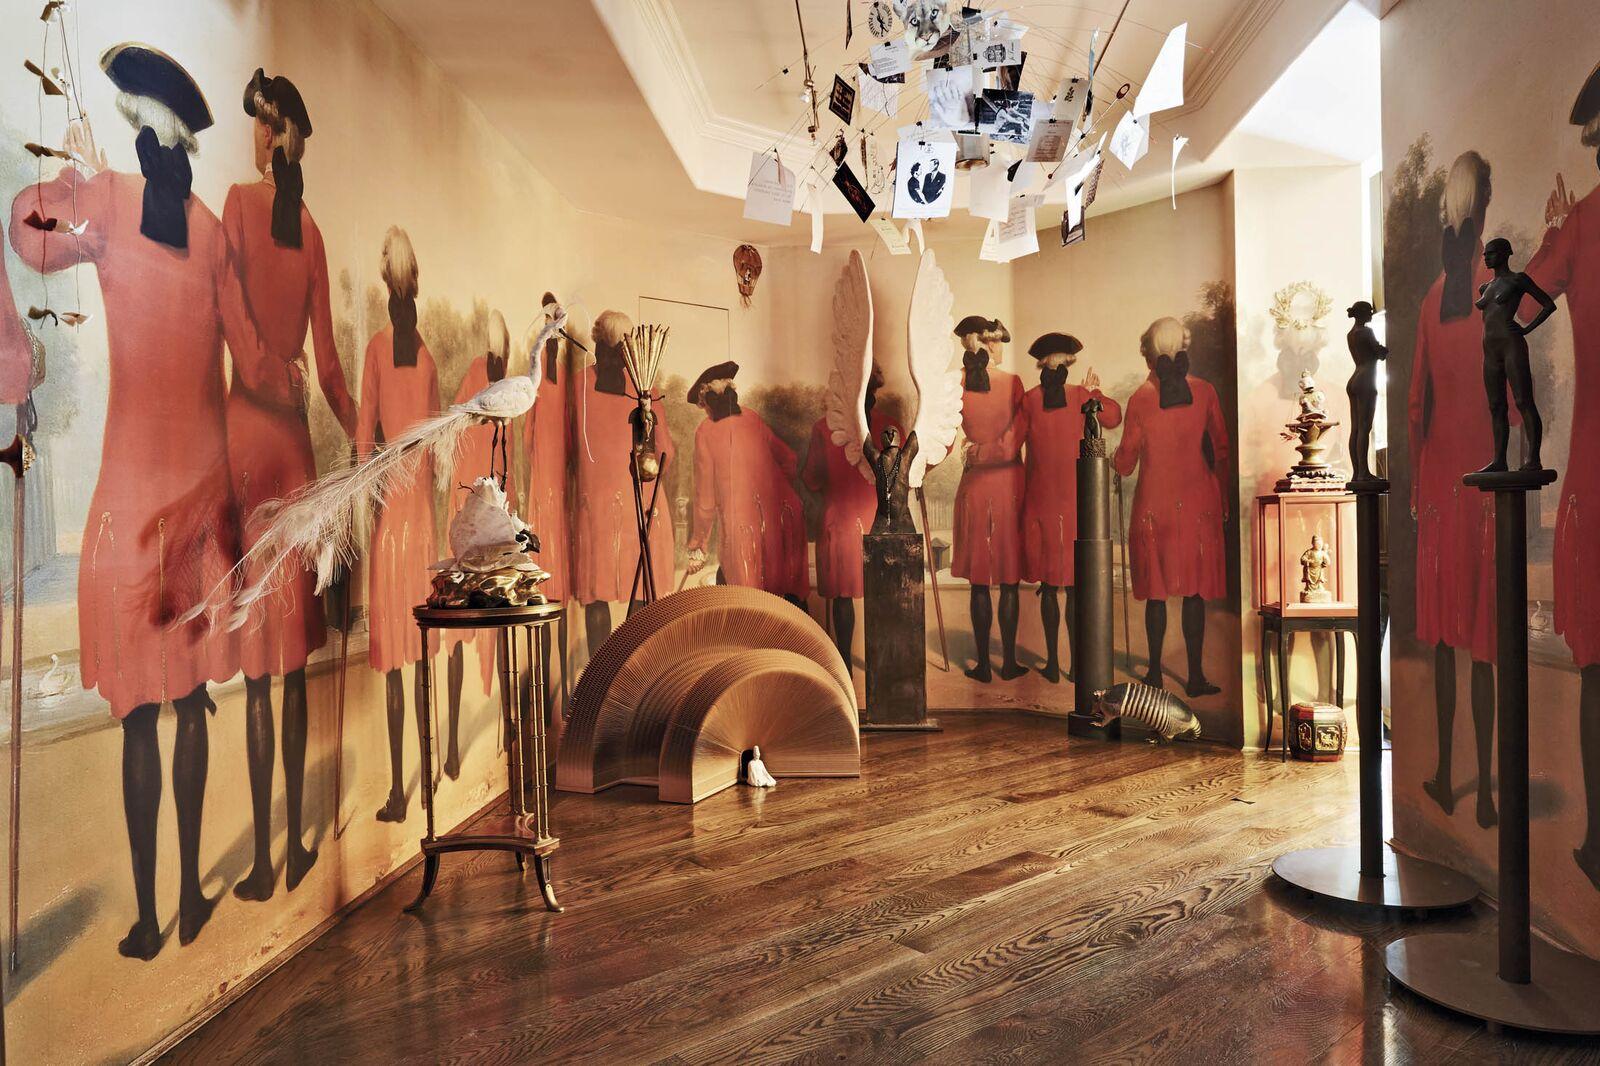 A gallery in Valerie von Sobel's house